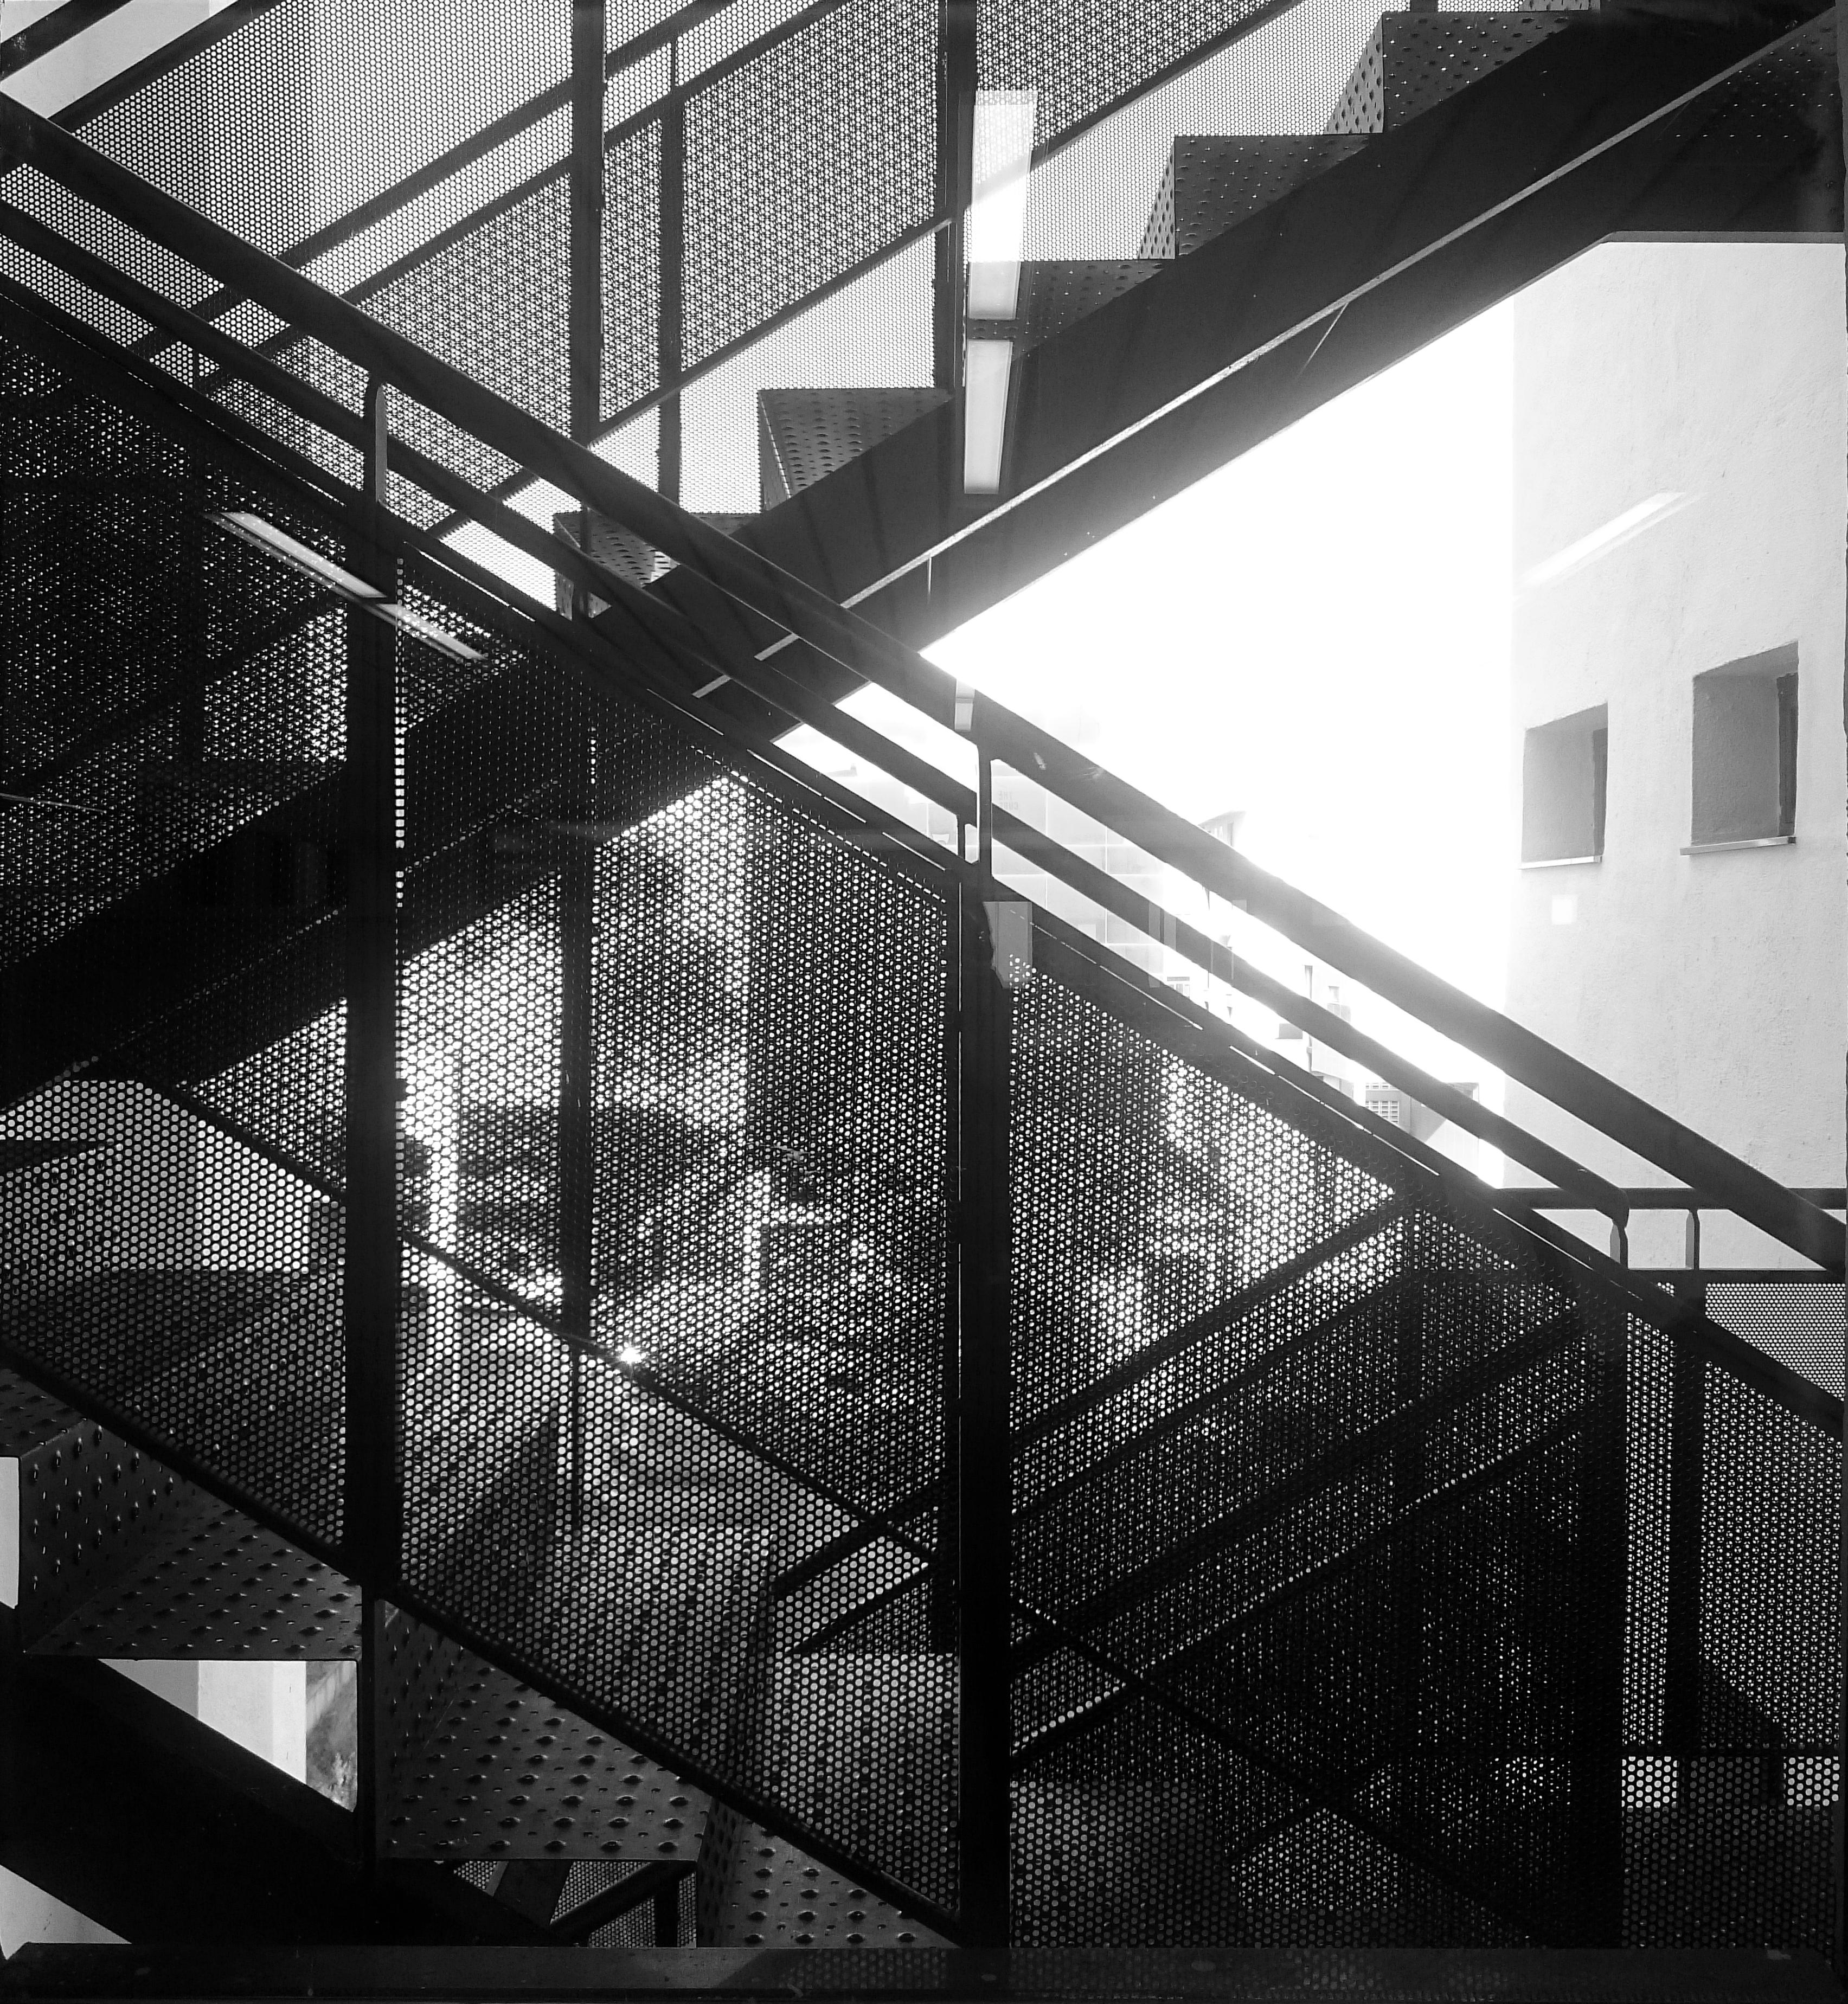 EMERGENCY STAIRCASE · © Espinosa + Moreno Arquitectos